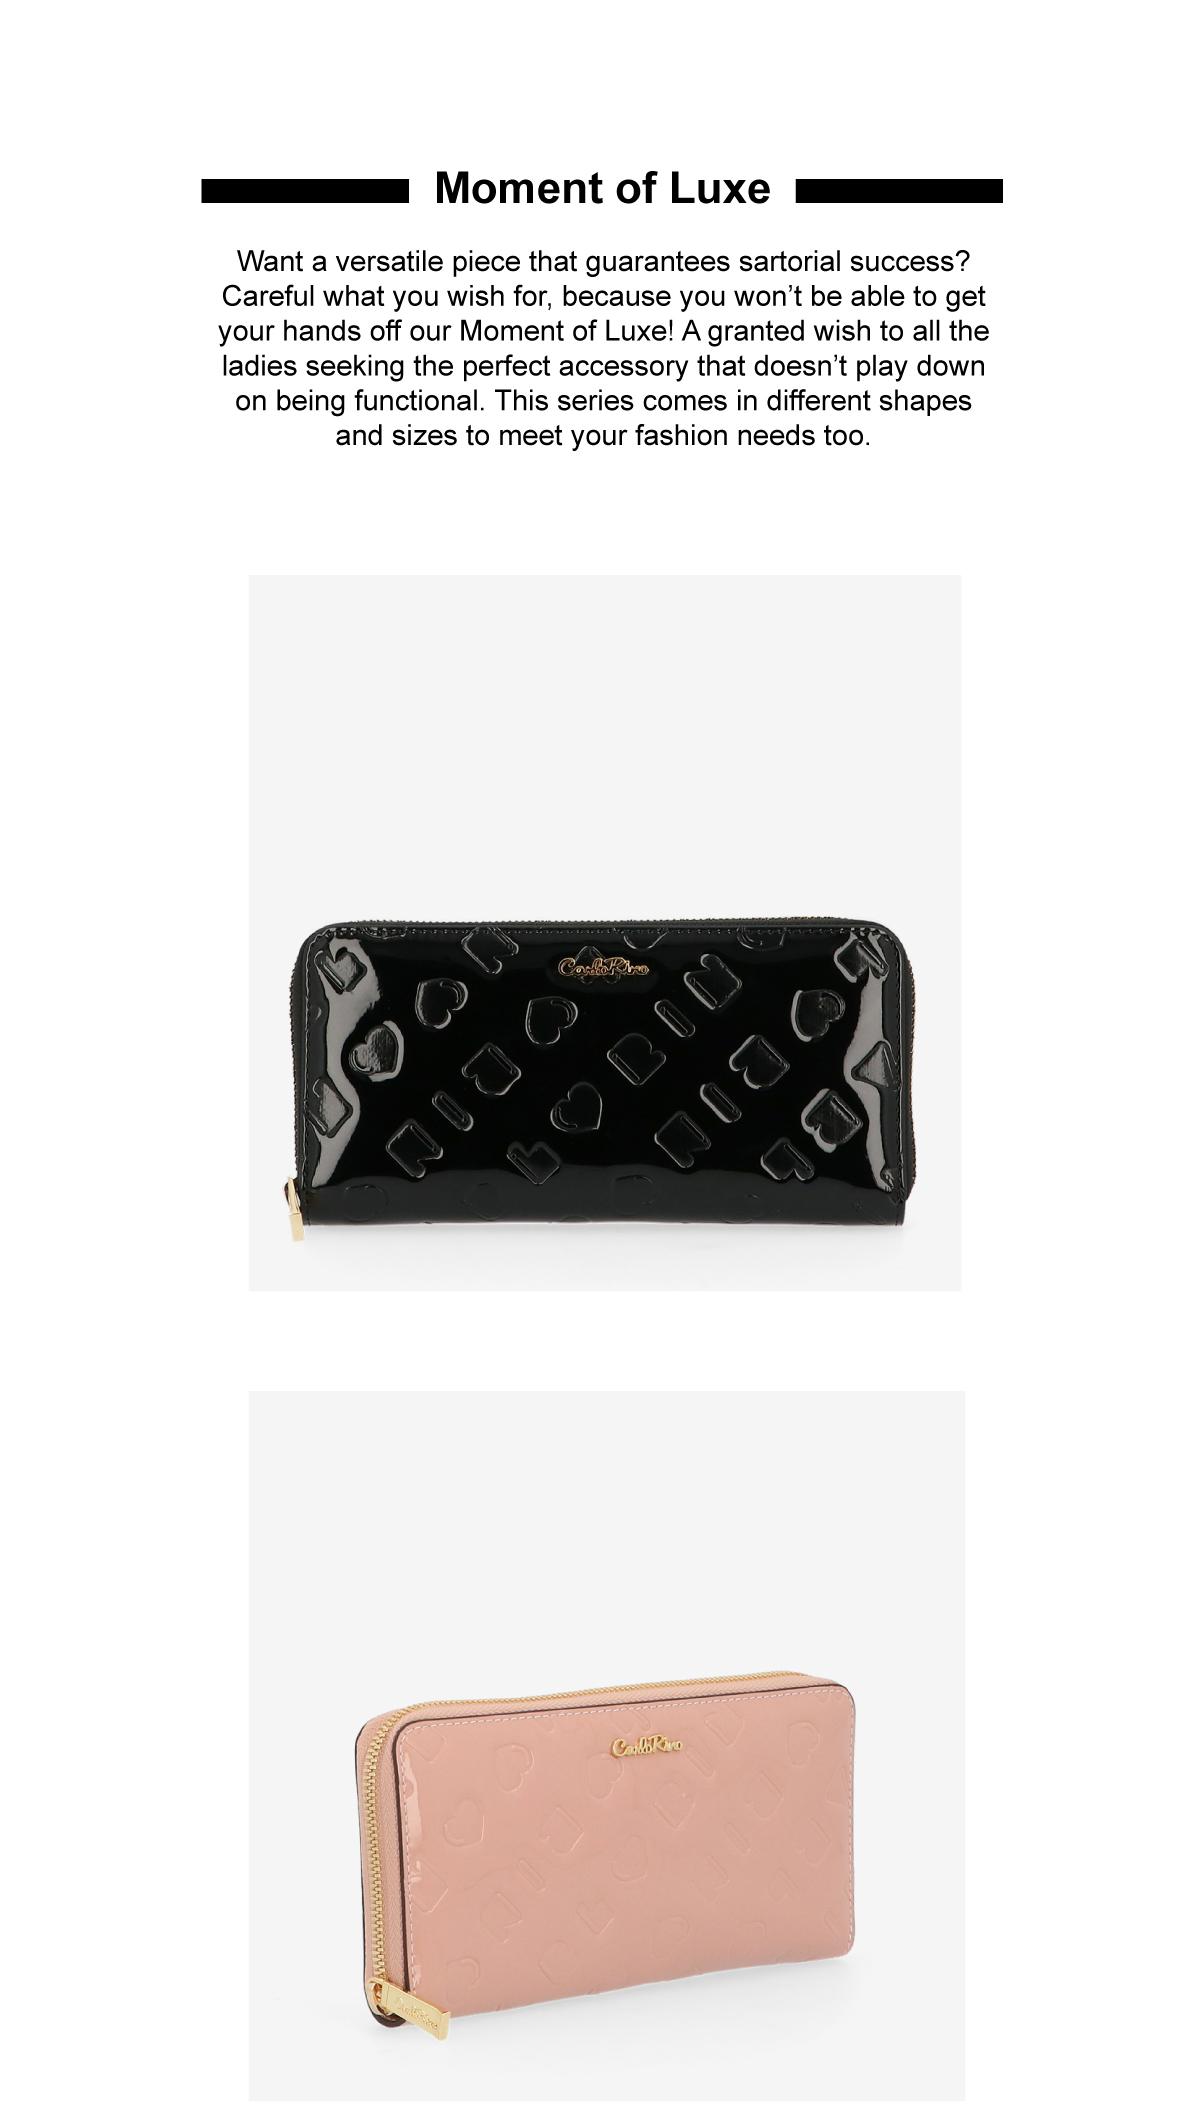 0305070K 502 2 - Moment of Luxe Zip-around Wallet